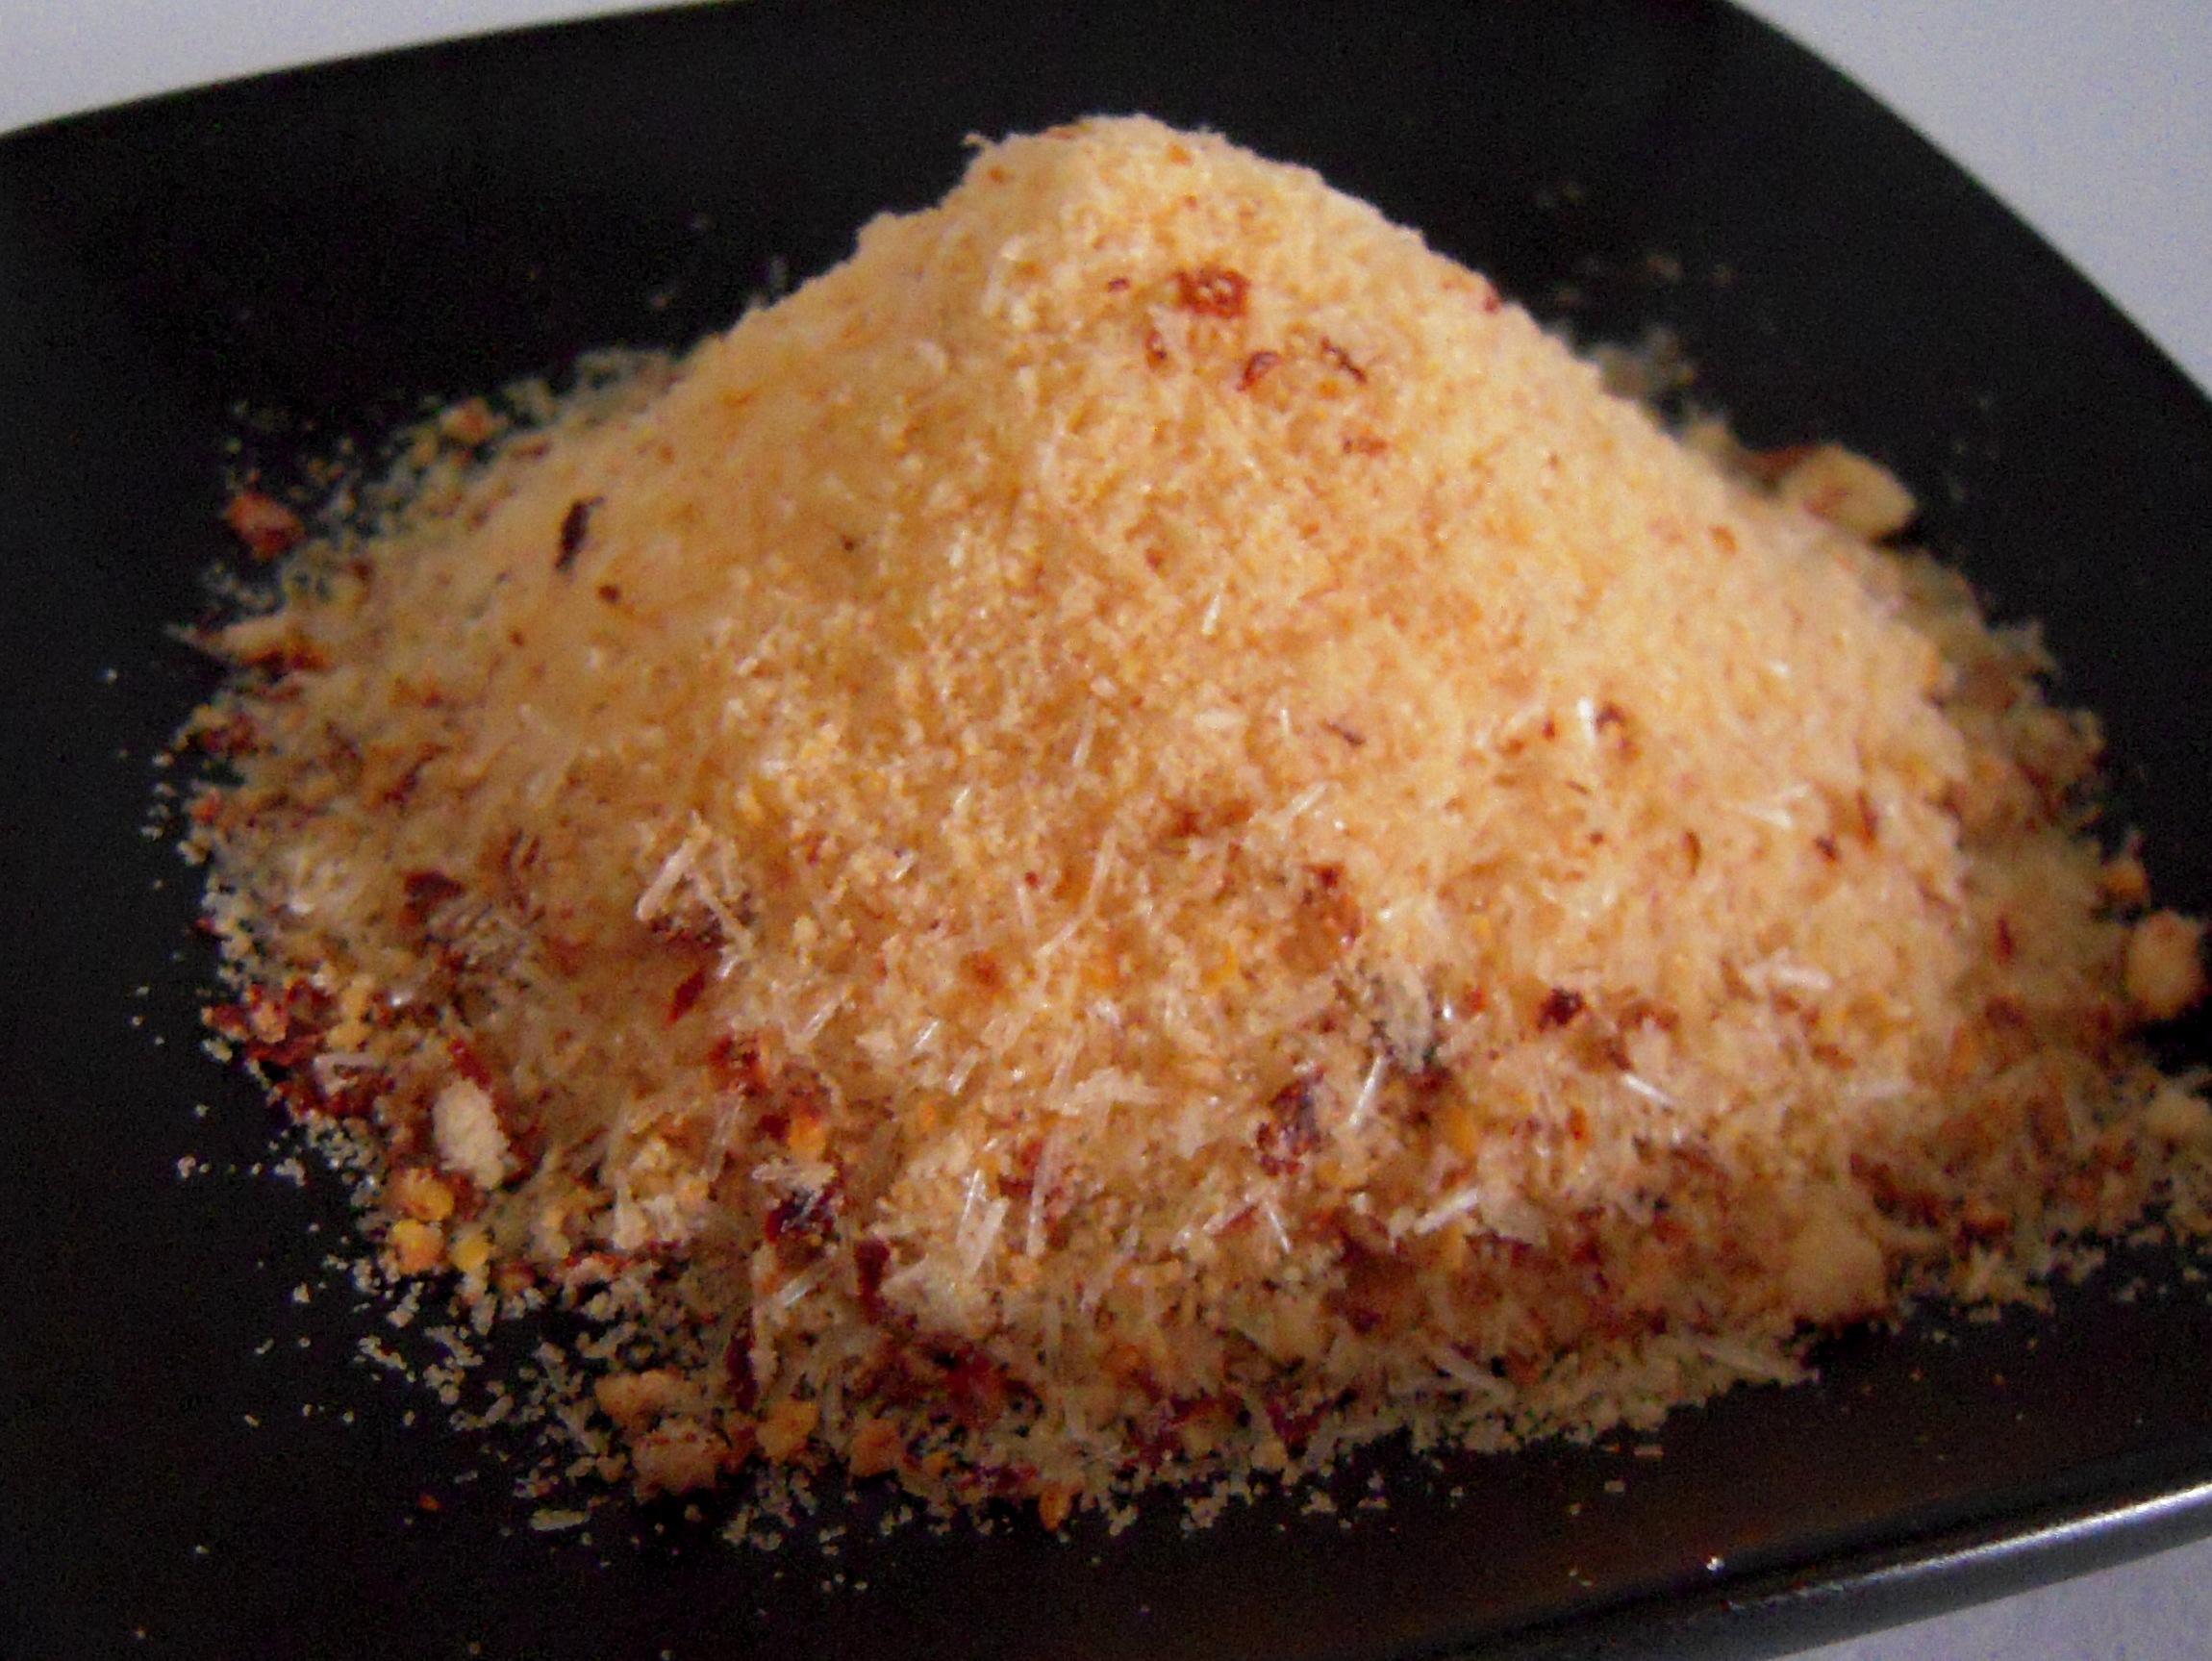 料理の幅を広げる【にんにく塩】220g(ガーリックソルト)